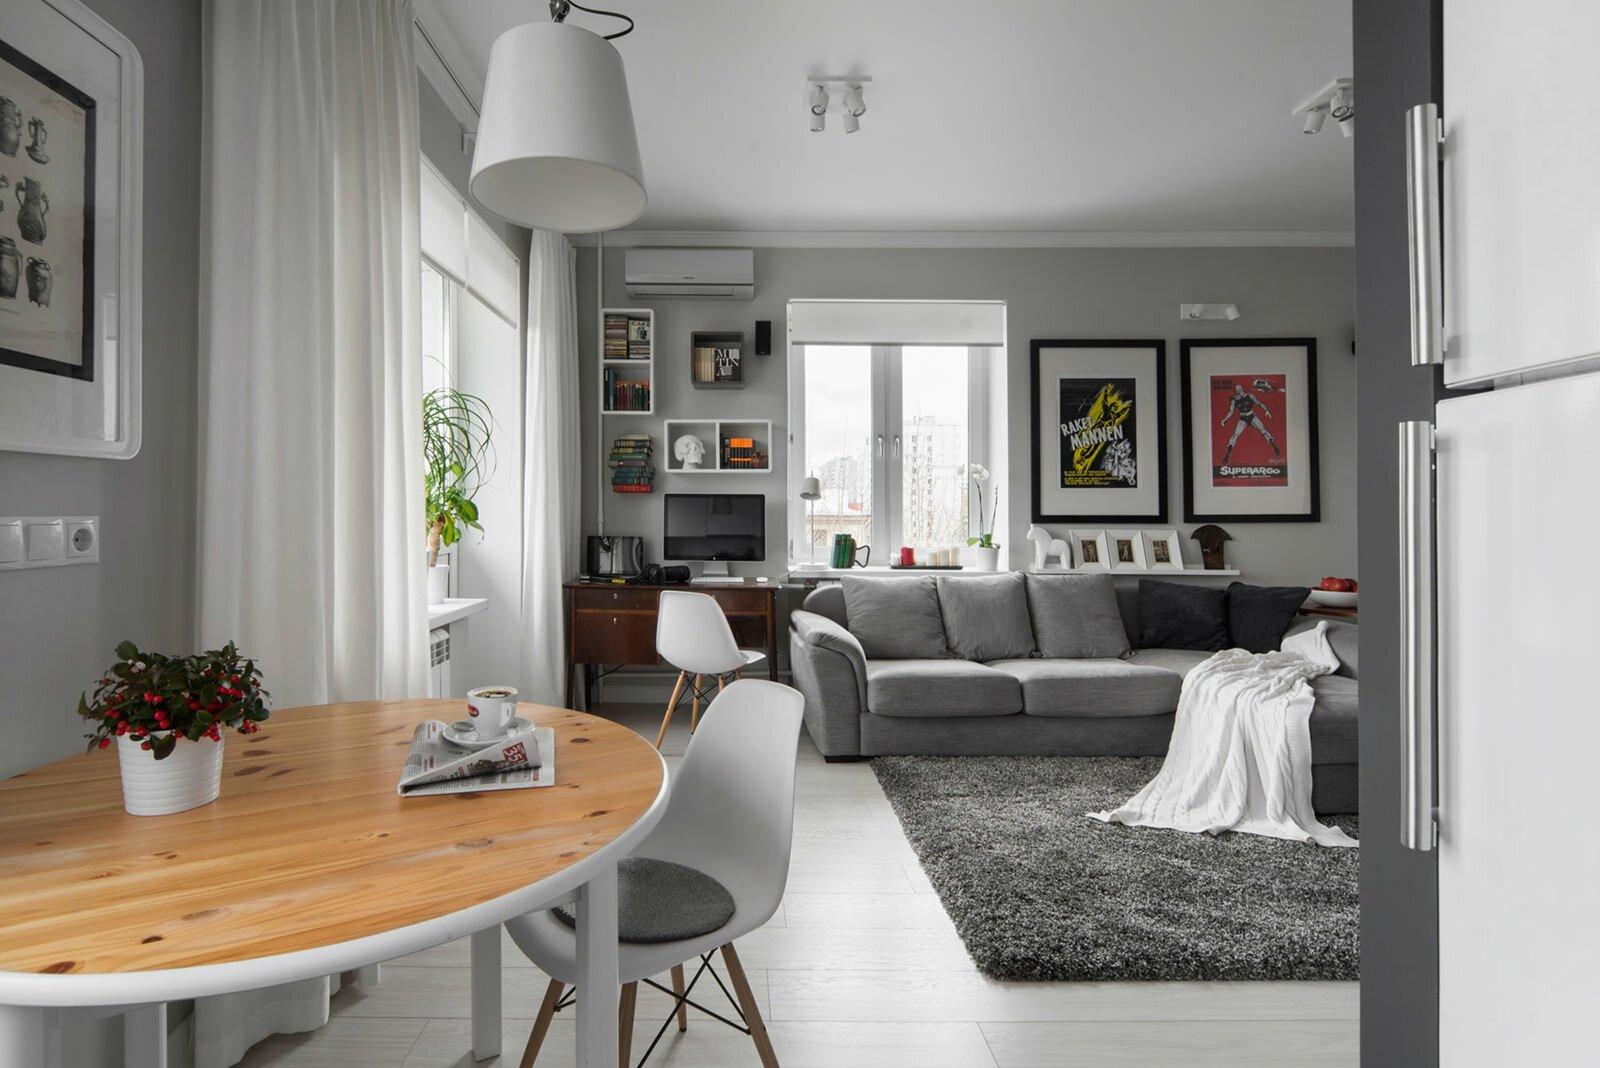 Дизайн интерьера 30 кв м кухни с гостиной фото